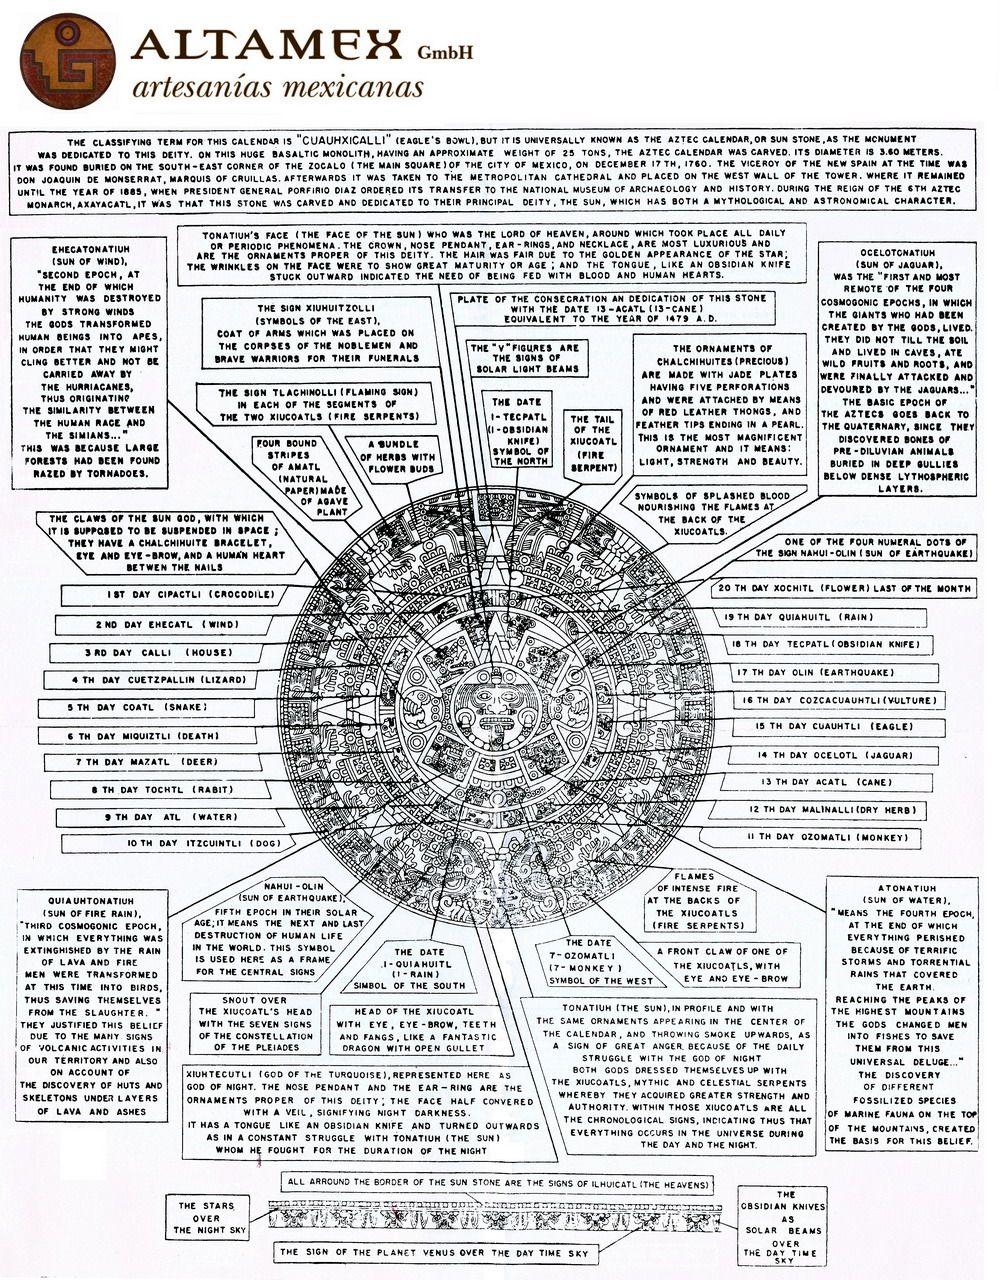 How To Read The Aztec Callender | Aztec Calendar, Mayan With How To Read Mayan Calendar